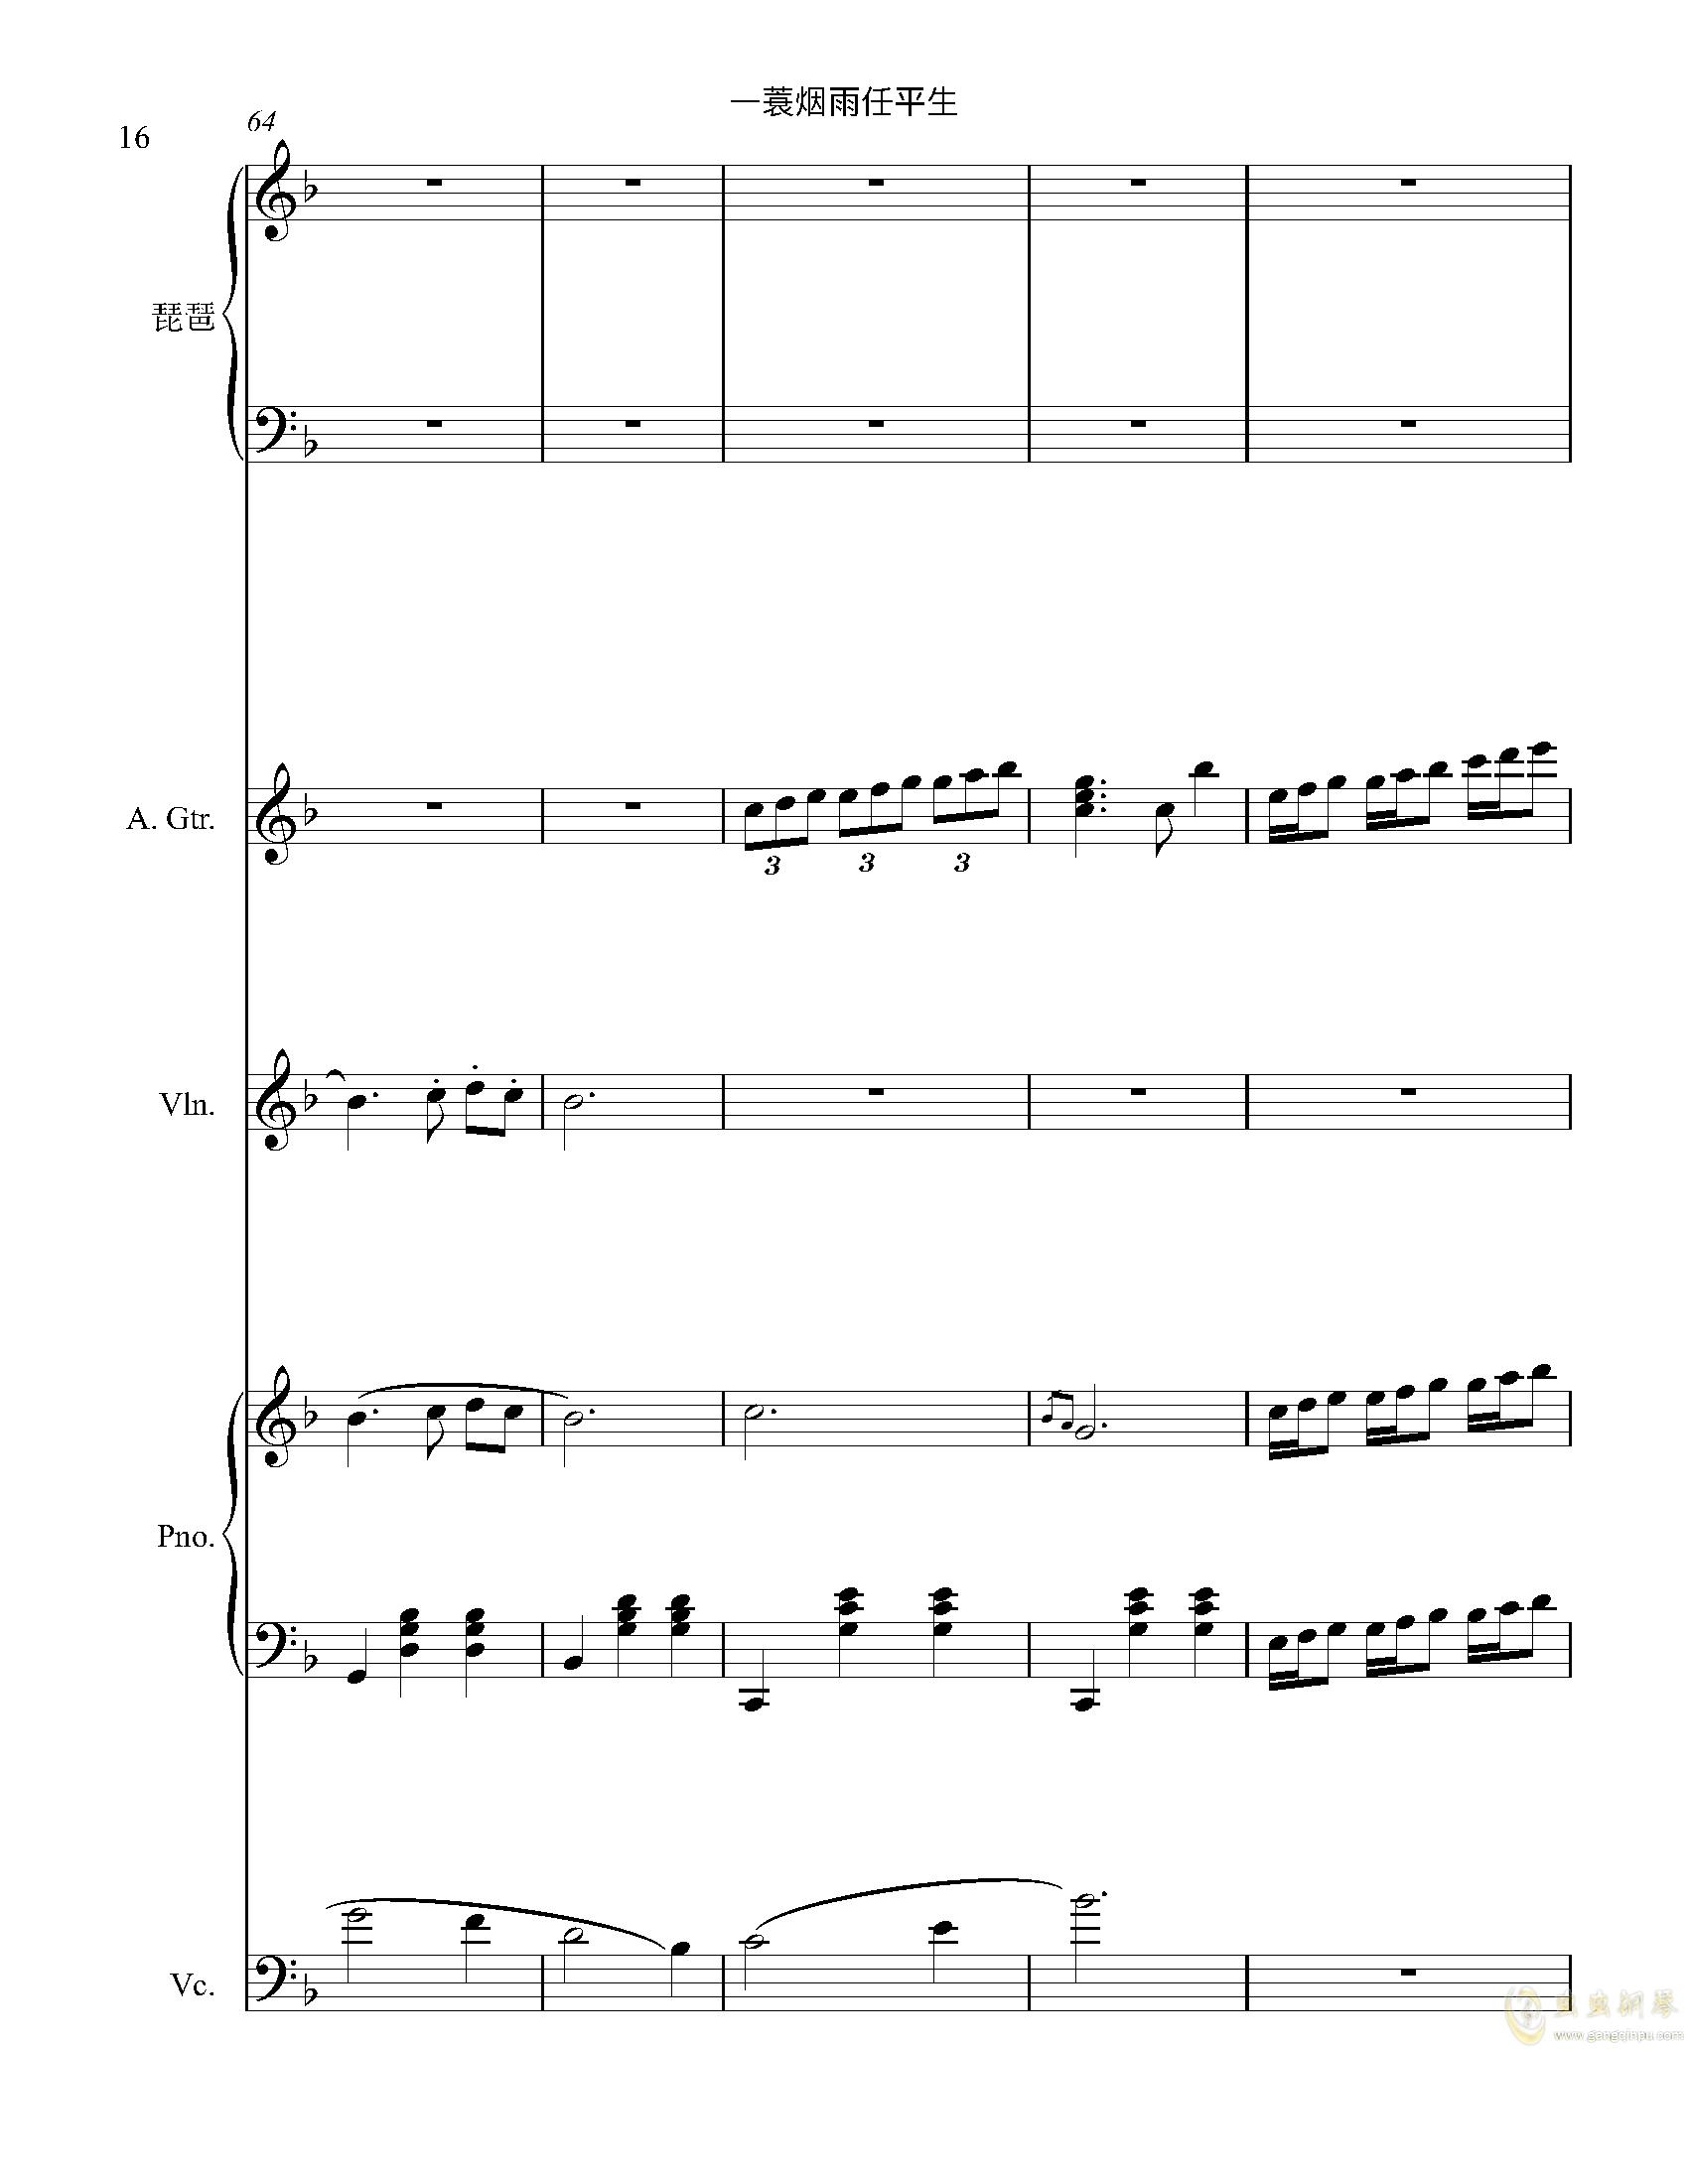 一蓑烟雨任平生钢琴谱 第16页